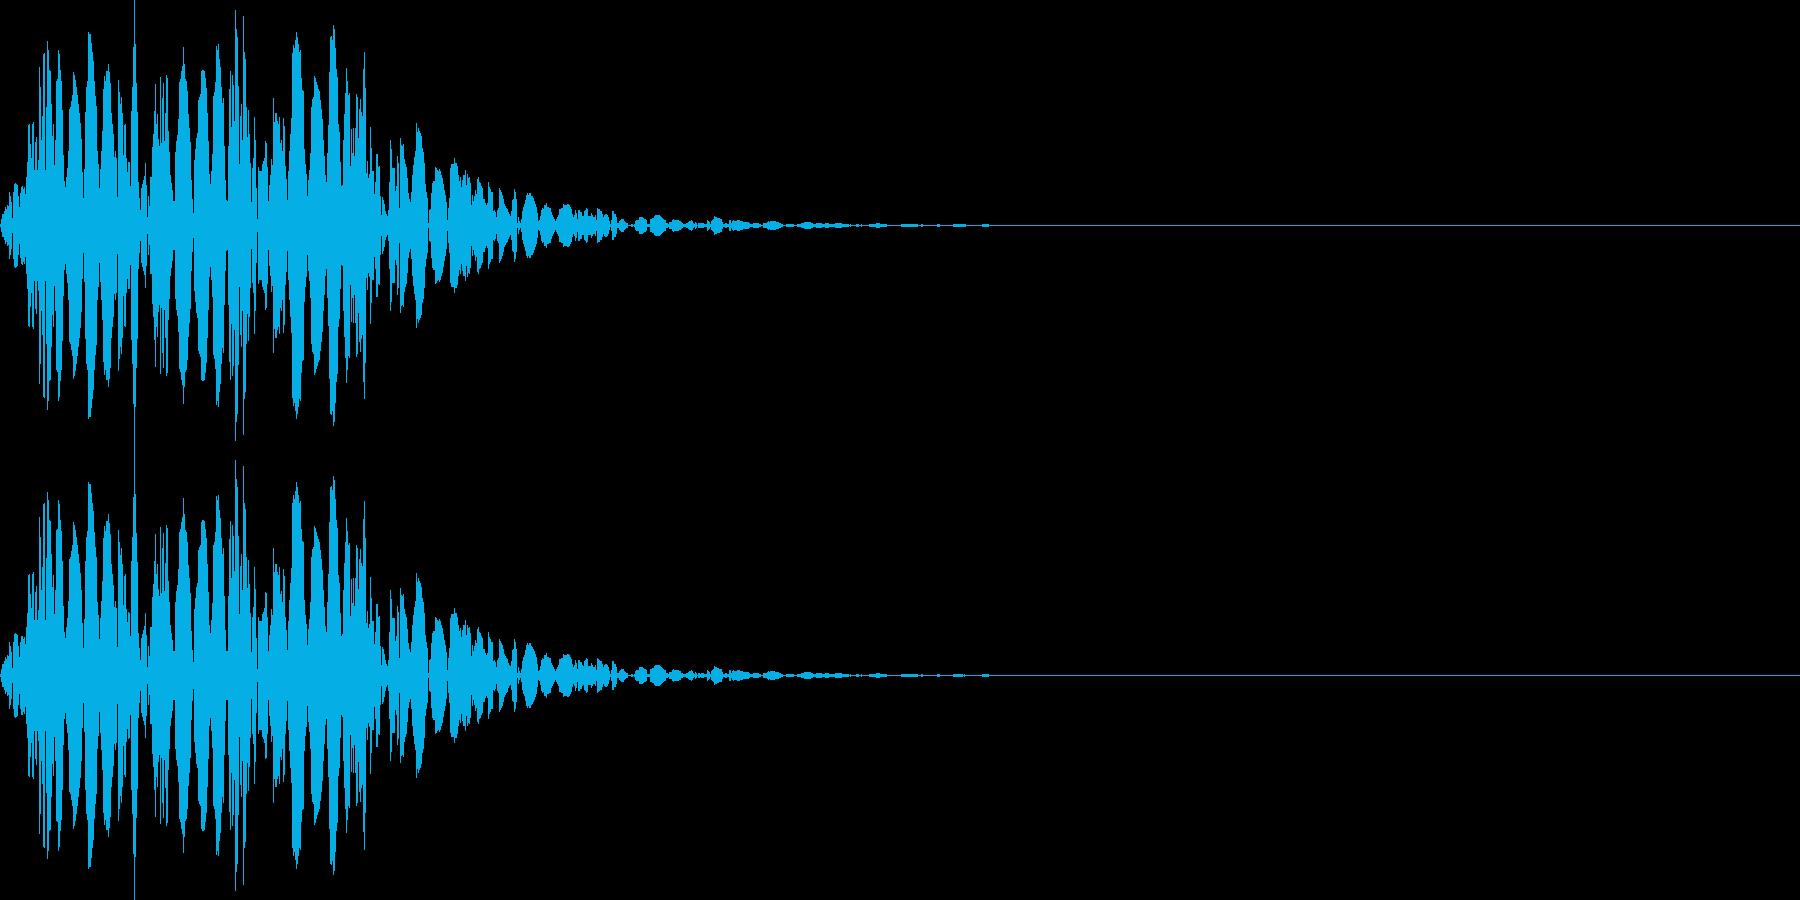 打撃音(マイナス_低音_ダメージ_鈍い)の再生済みの波形